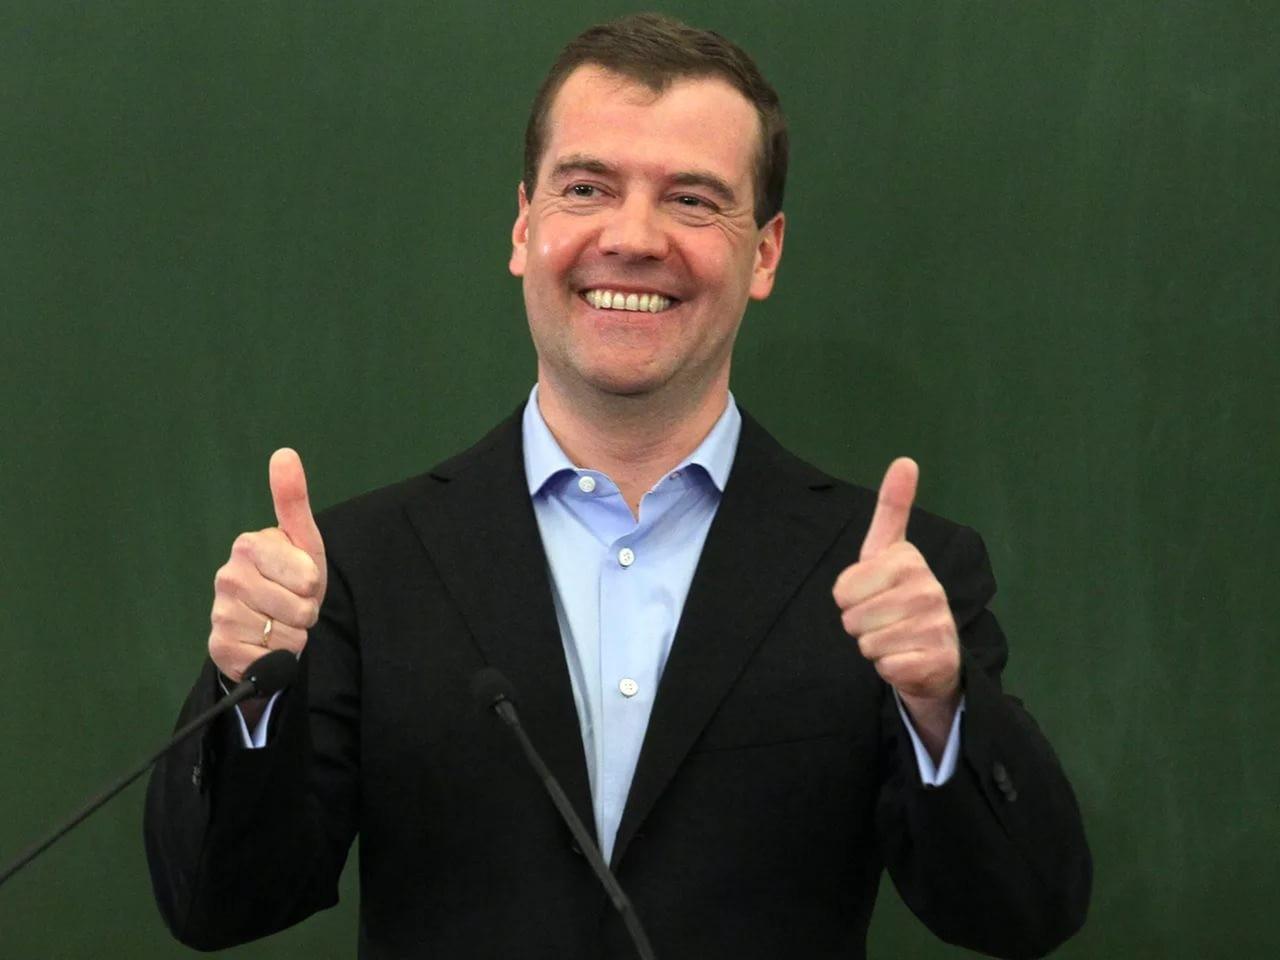 Д. Медведев: Вся вода вбюветах должна быть бесплатной